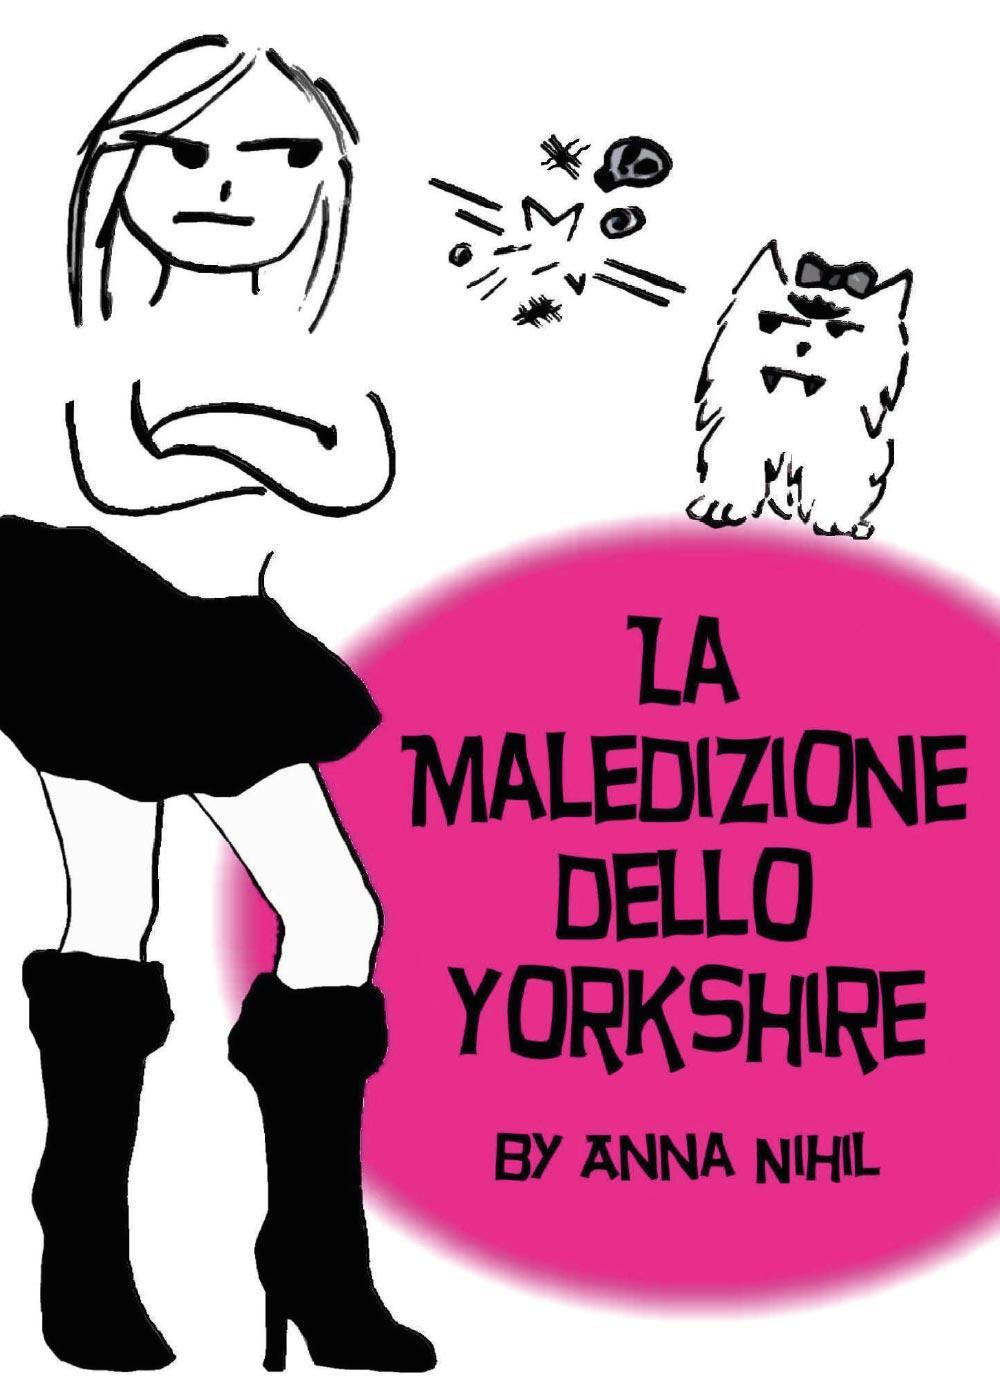 La maledizione dello Yorkshire